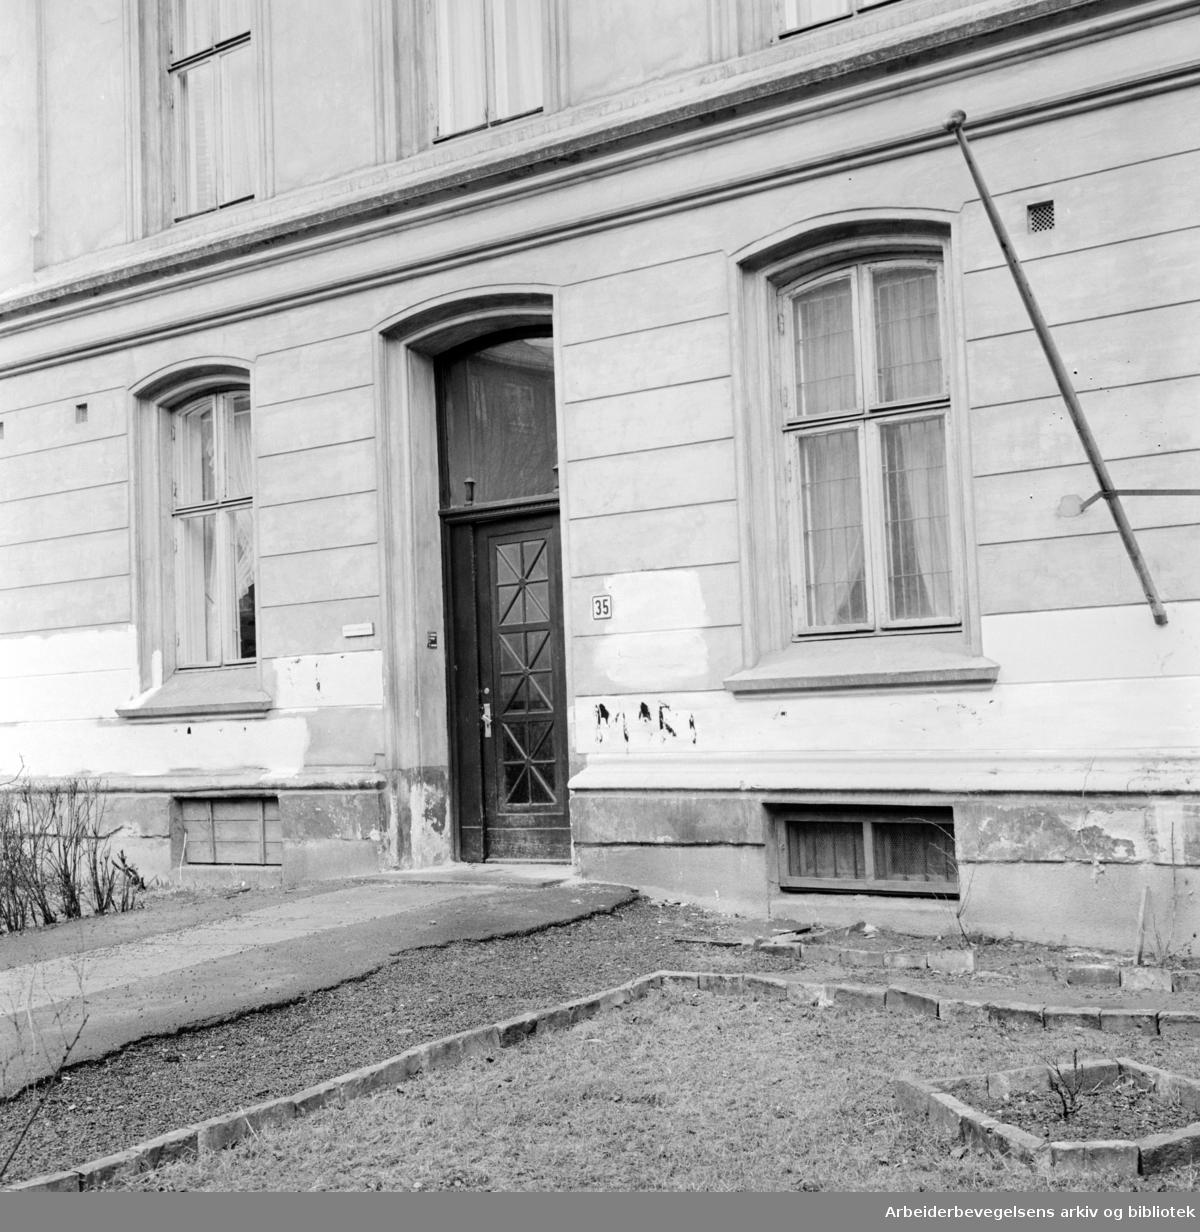 Spanske Ambassade. April 1963